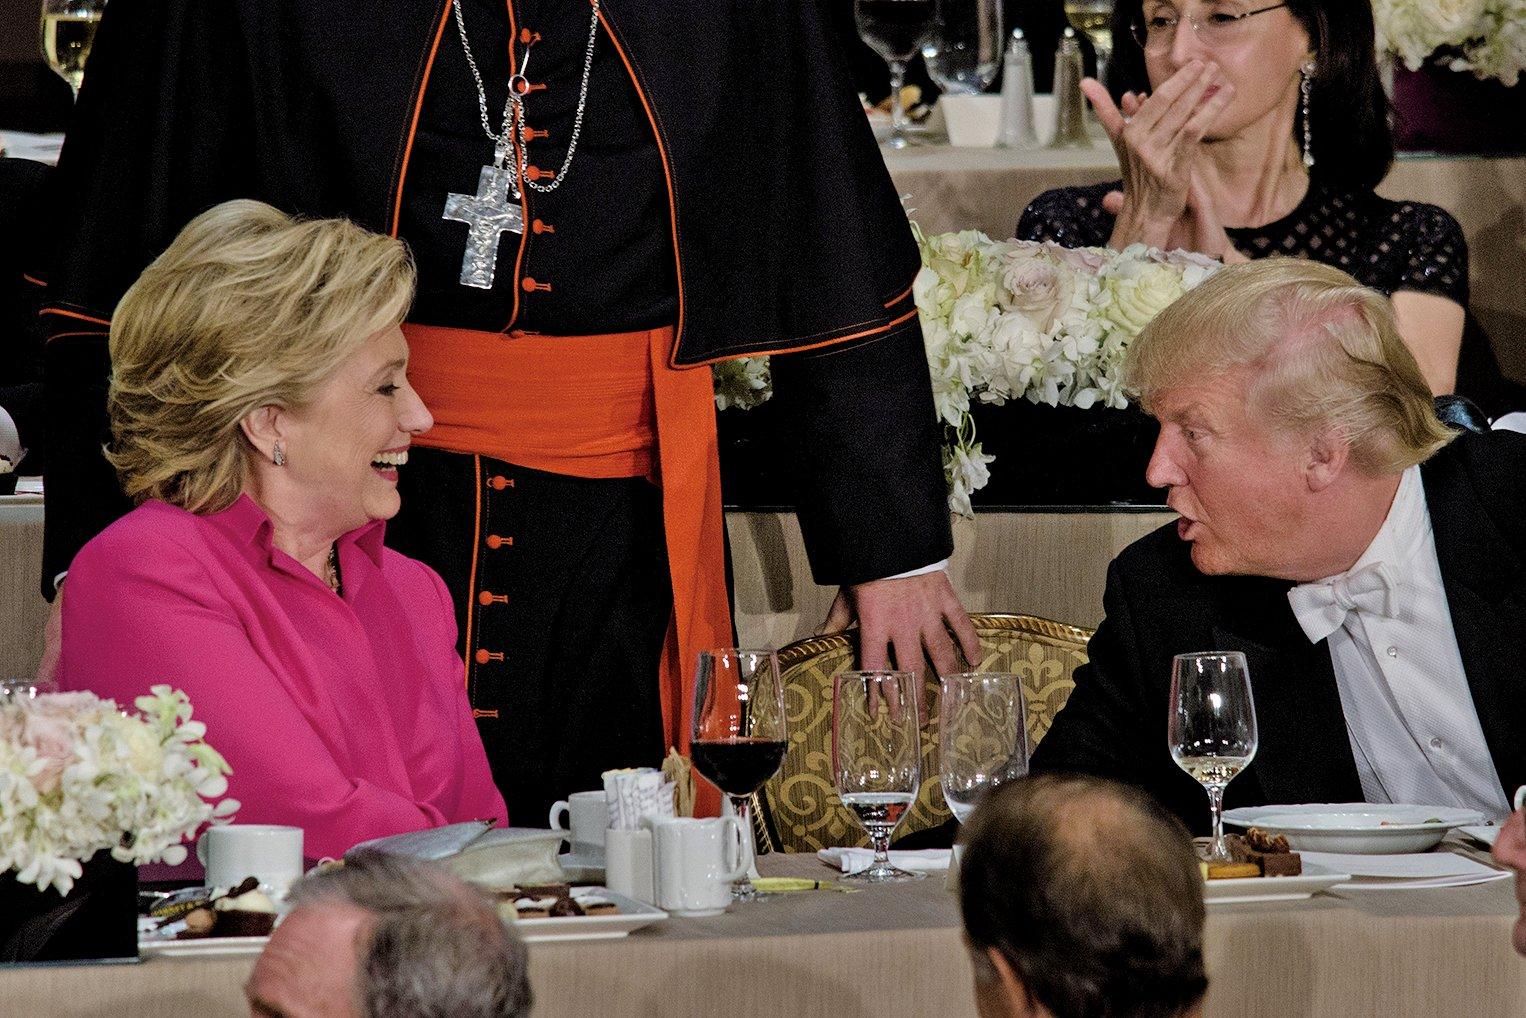 民調顯示,美總統候選人特朗普(右)支持率超希拉莉(左)1%。圖為10月20日,希拉莉和特朗普出席一場晚宴。(AFP/Getty Images)